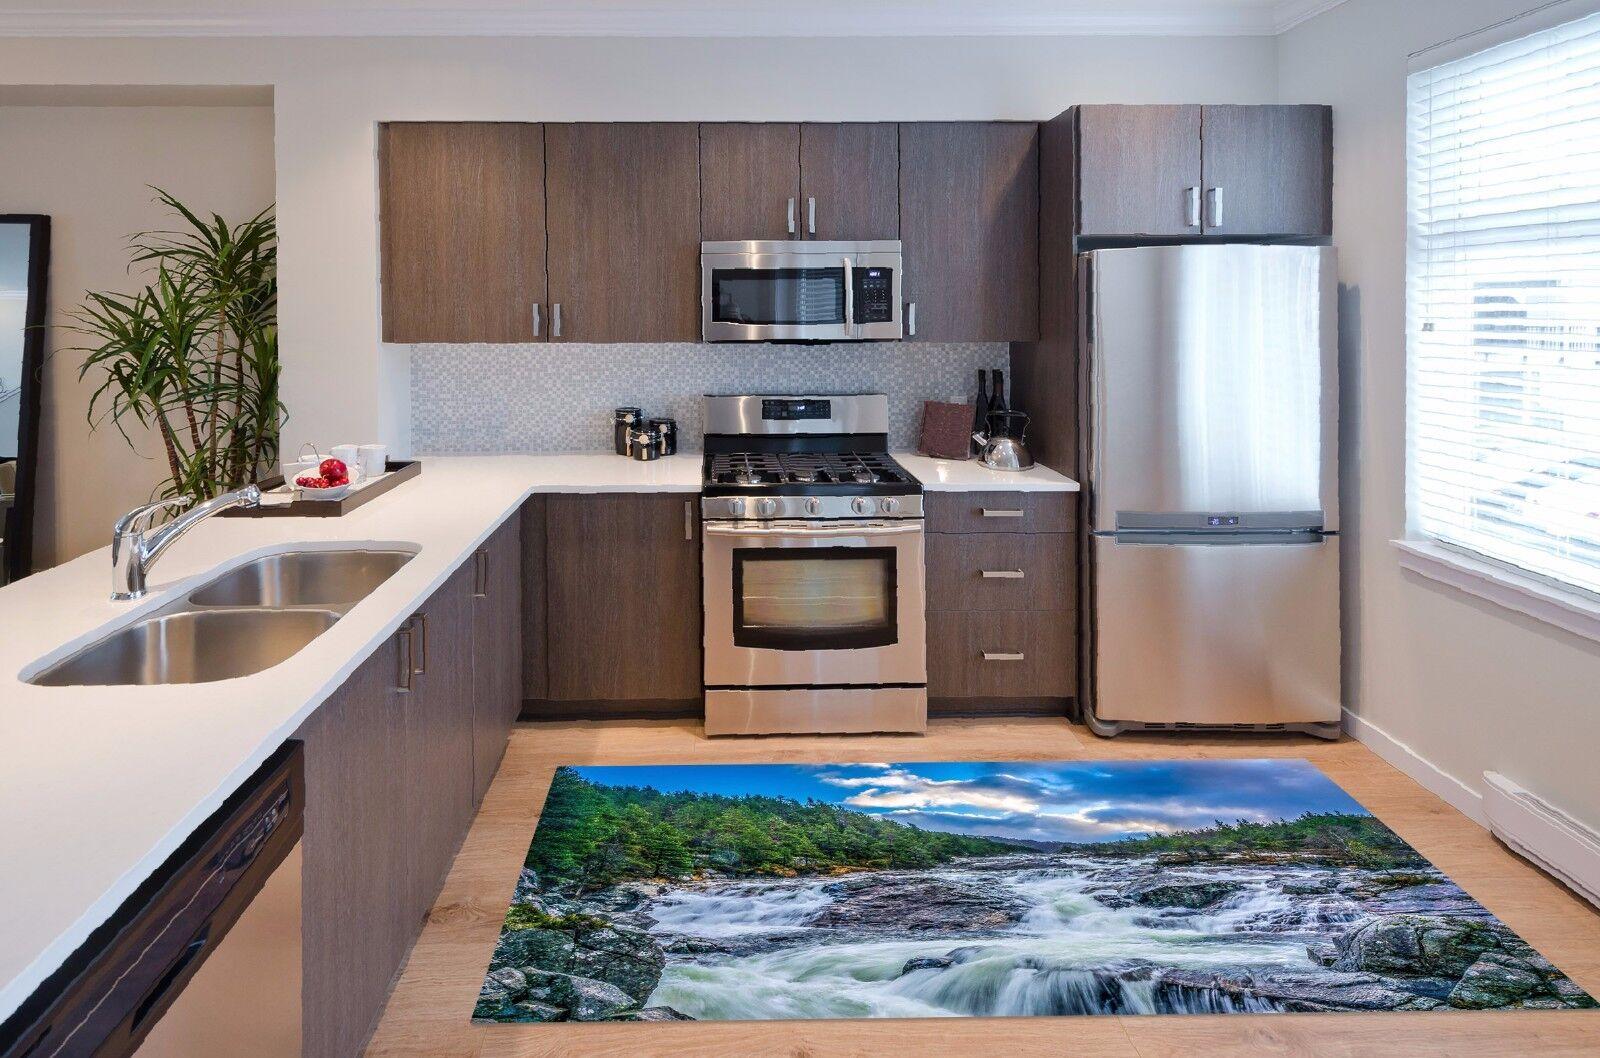 3D River View 129 Kitchen Mat Floor Murals Wall Print Wall Deco AJ WALLPAPER UK